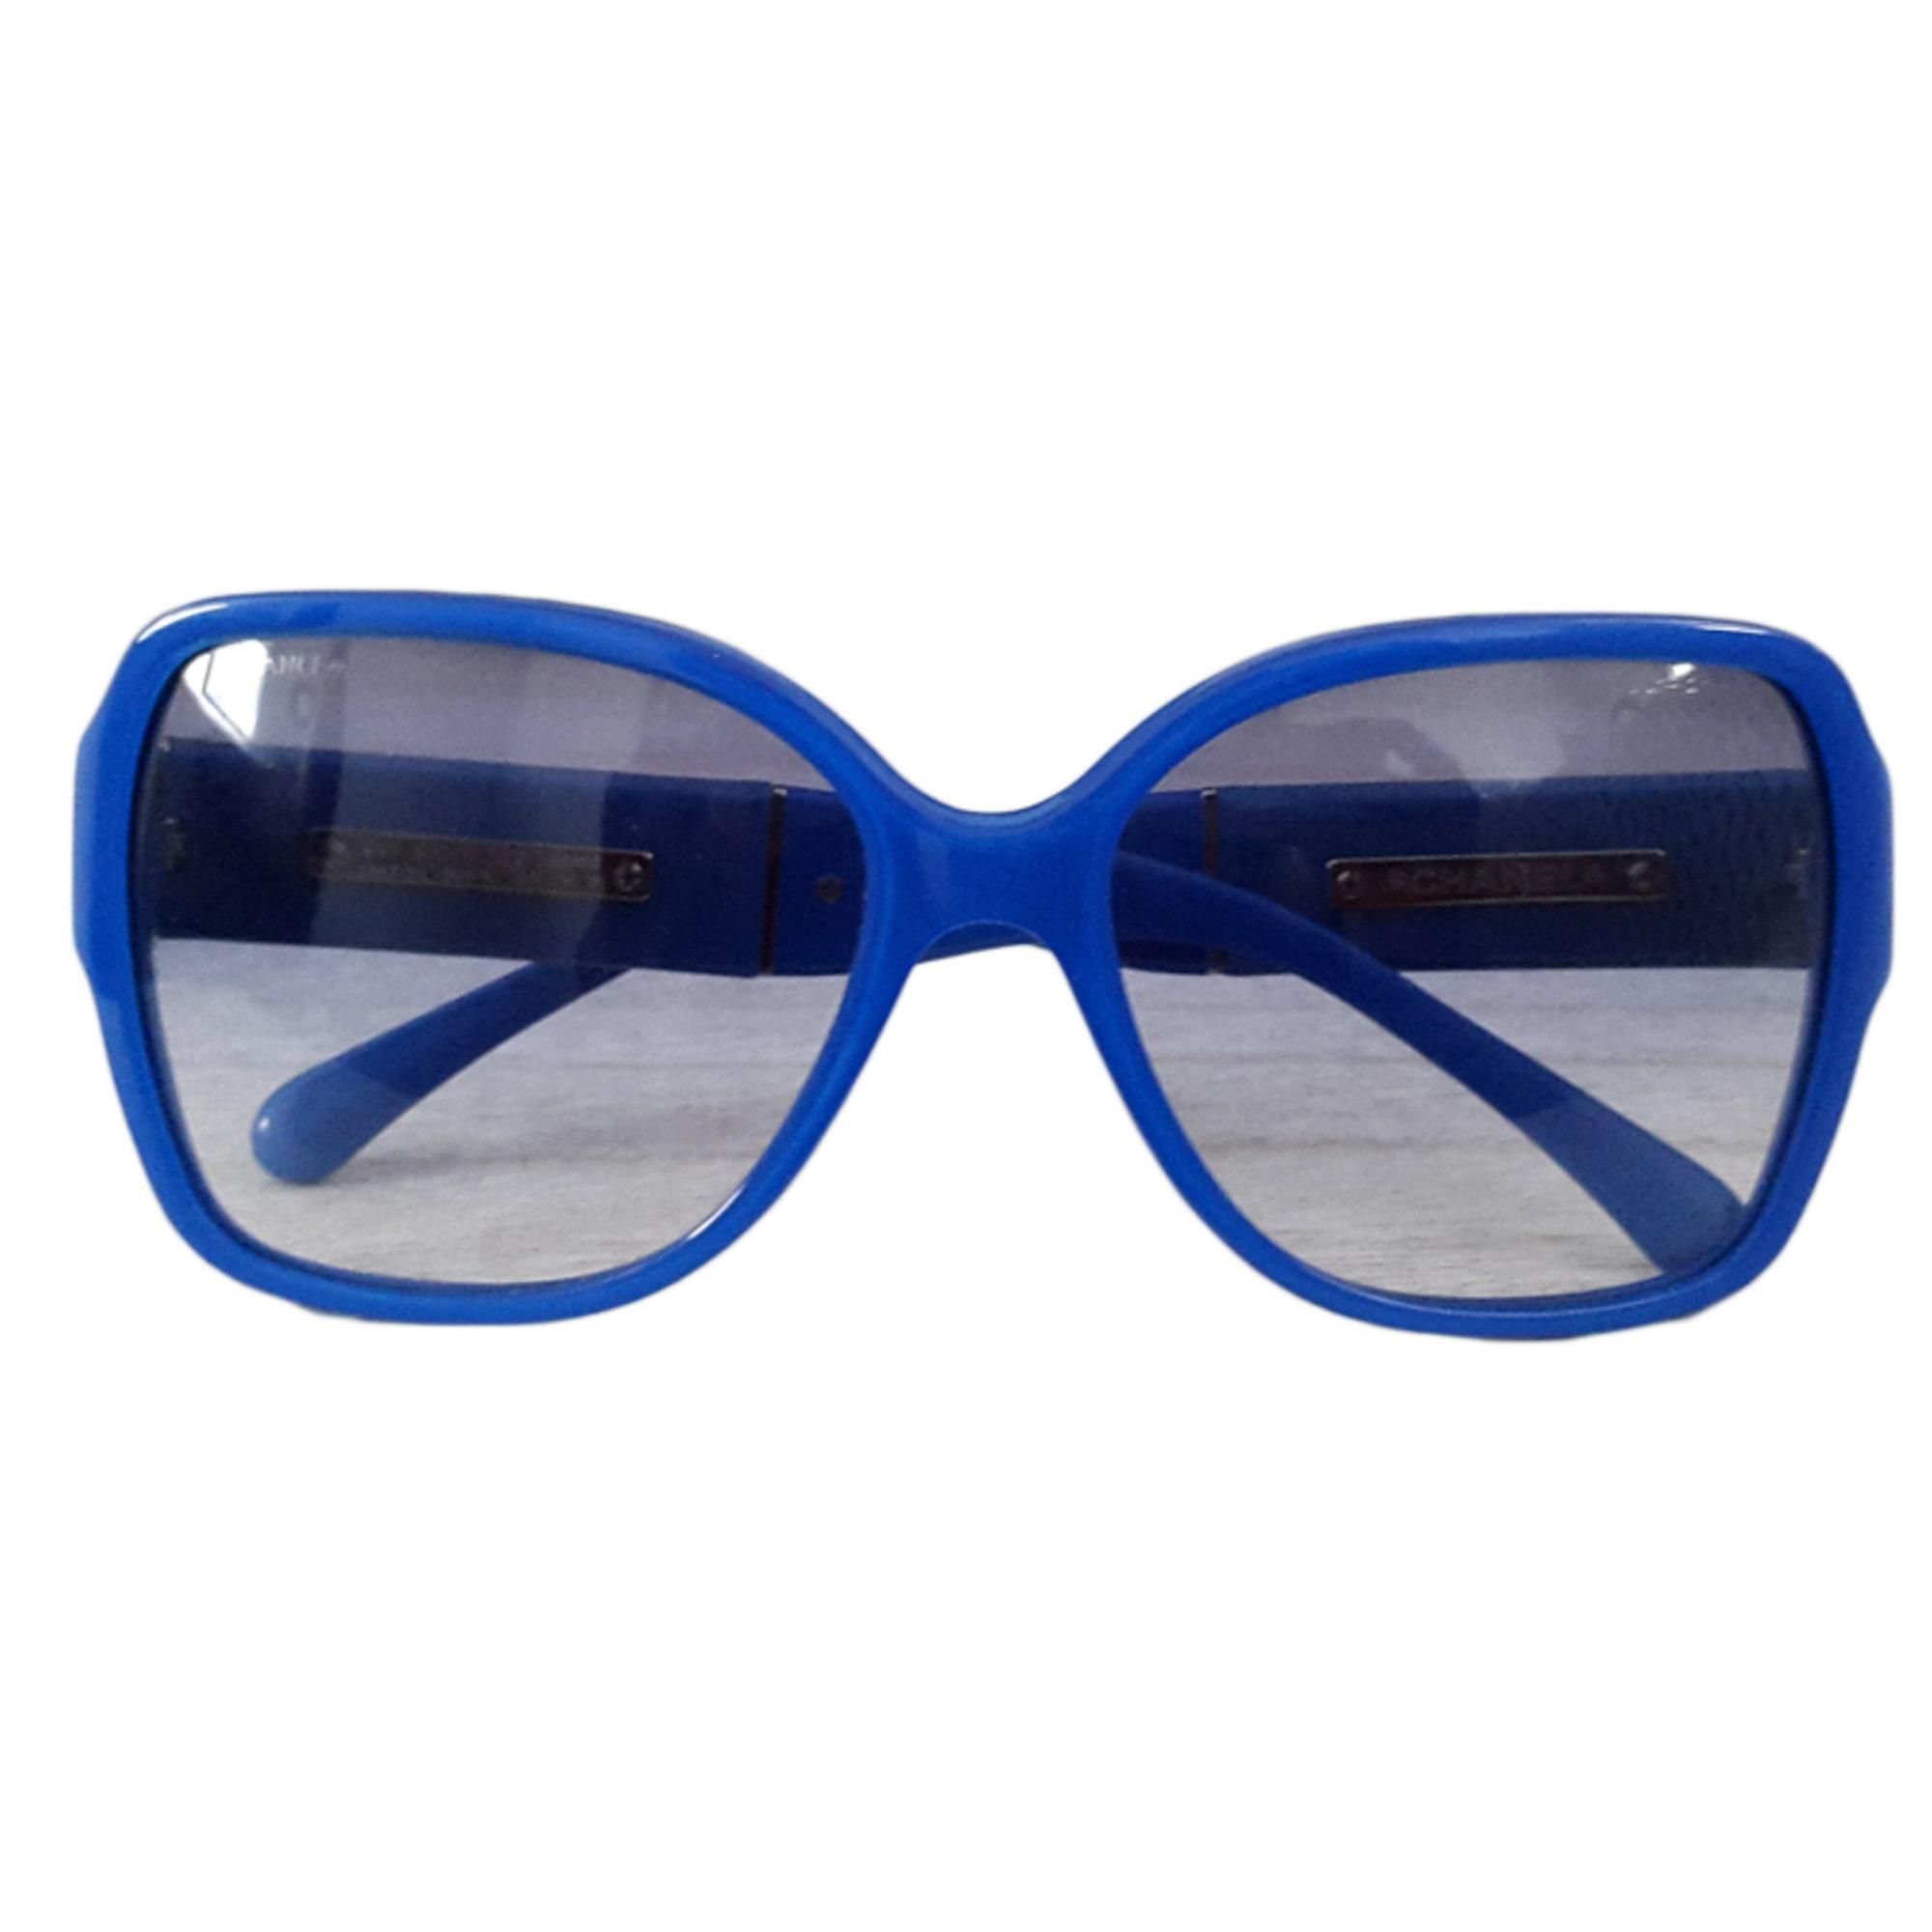 Lunettes de soleil CHANEL bleu vendu par Charlène 145523283 - 3830042 42553fddfc53